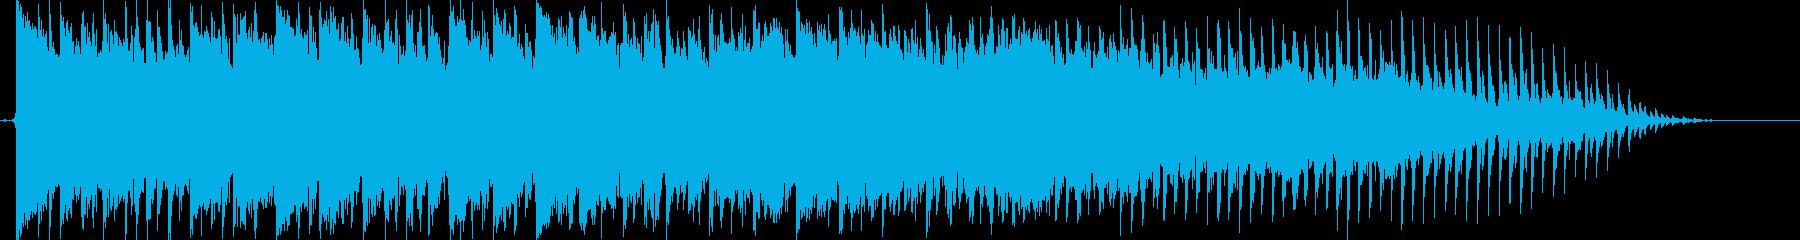 ビンテージ。エレクトロニカ。 80...の再生済みの波形